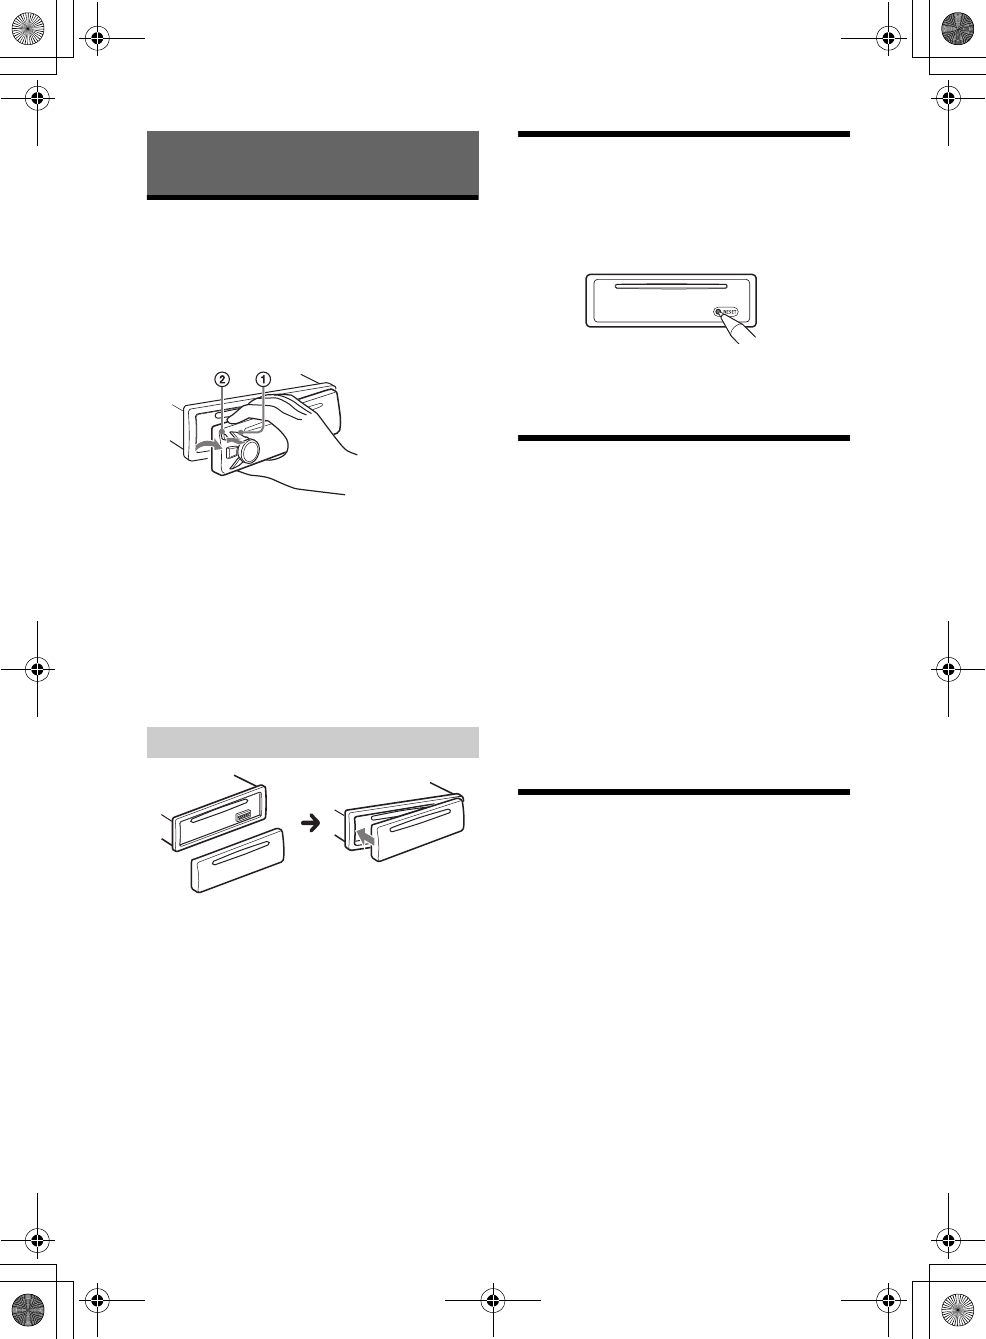 Sony Mex N4100bt Plug Wiring Diagram Xplod Color Code N5100bt Harness Mexn4100bt Bluetooth Audio System User Manual On